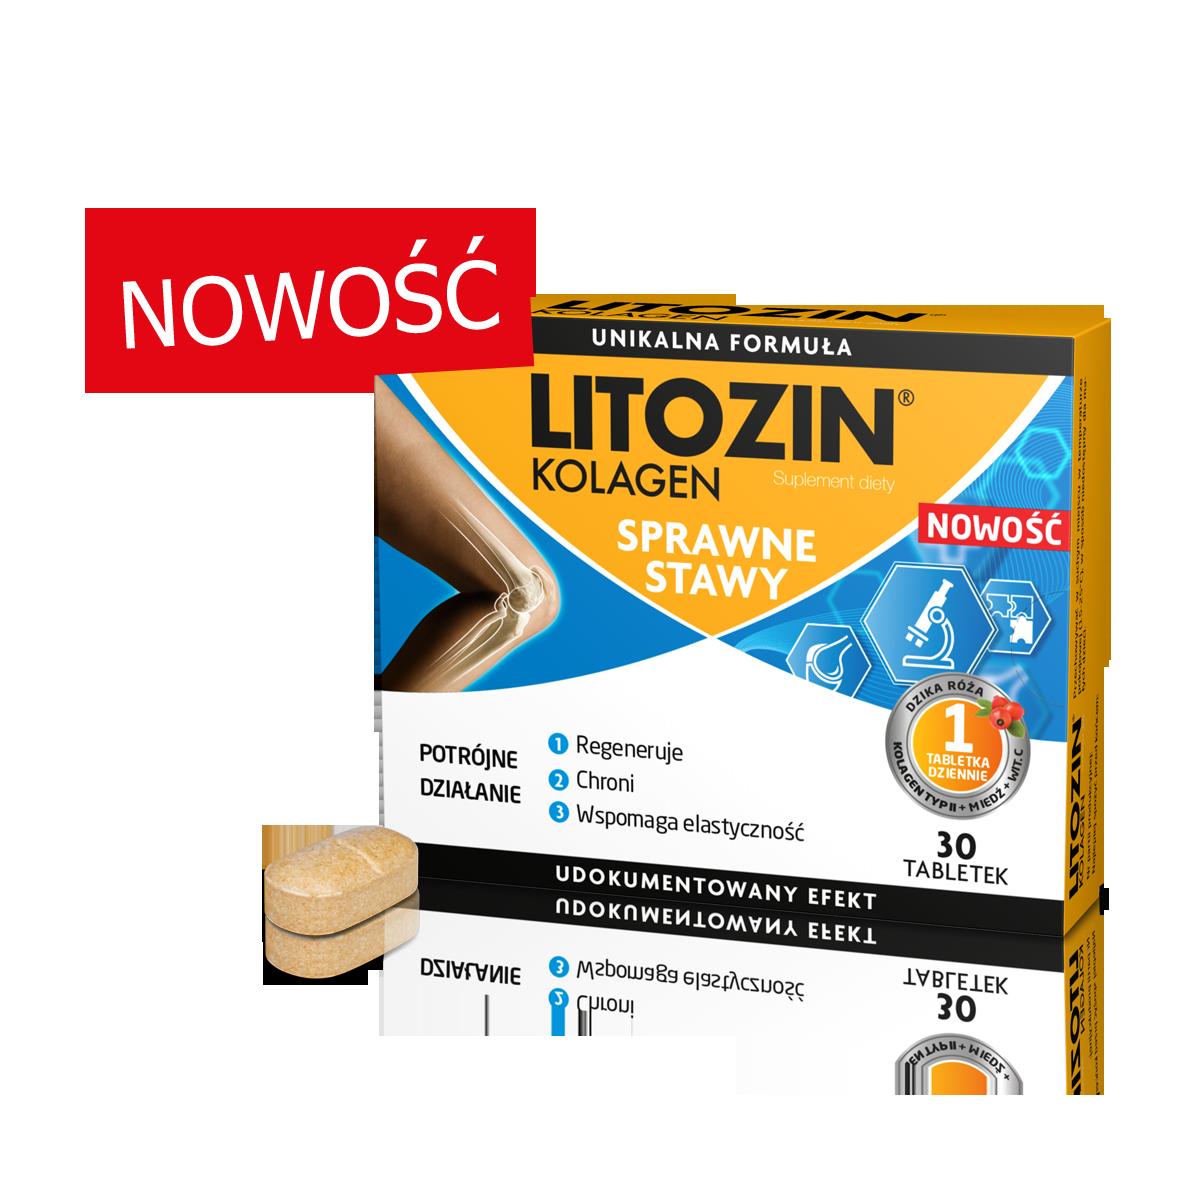 litozin-kolagen-na-str